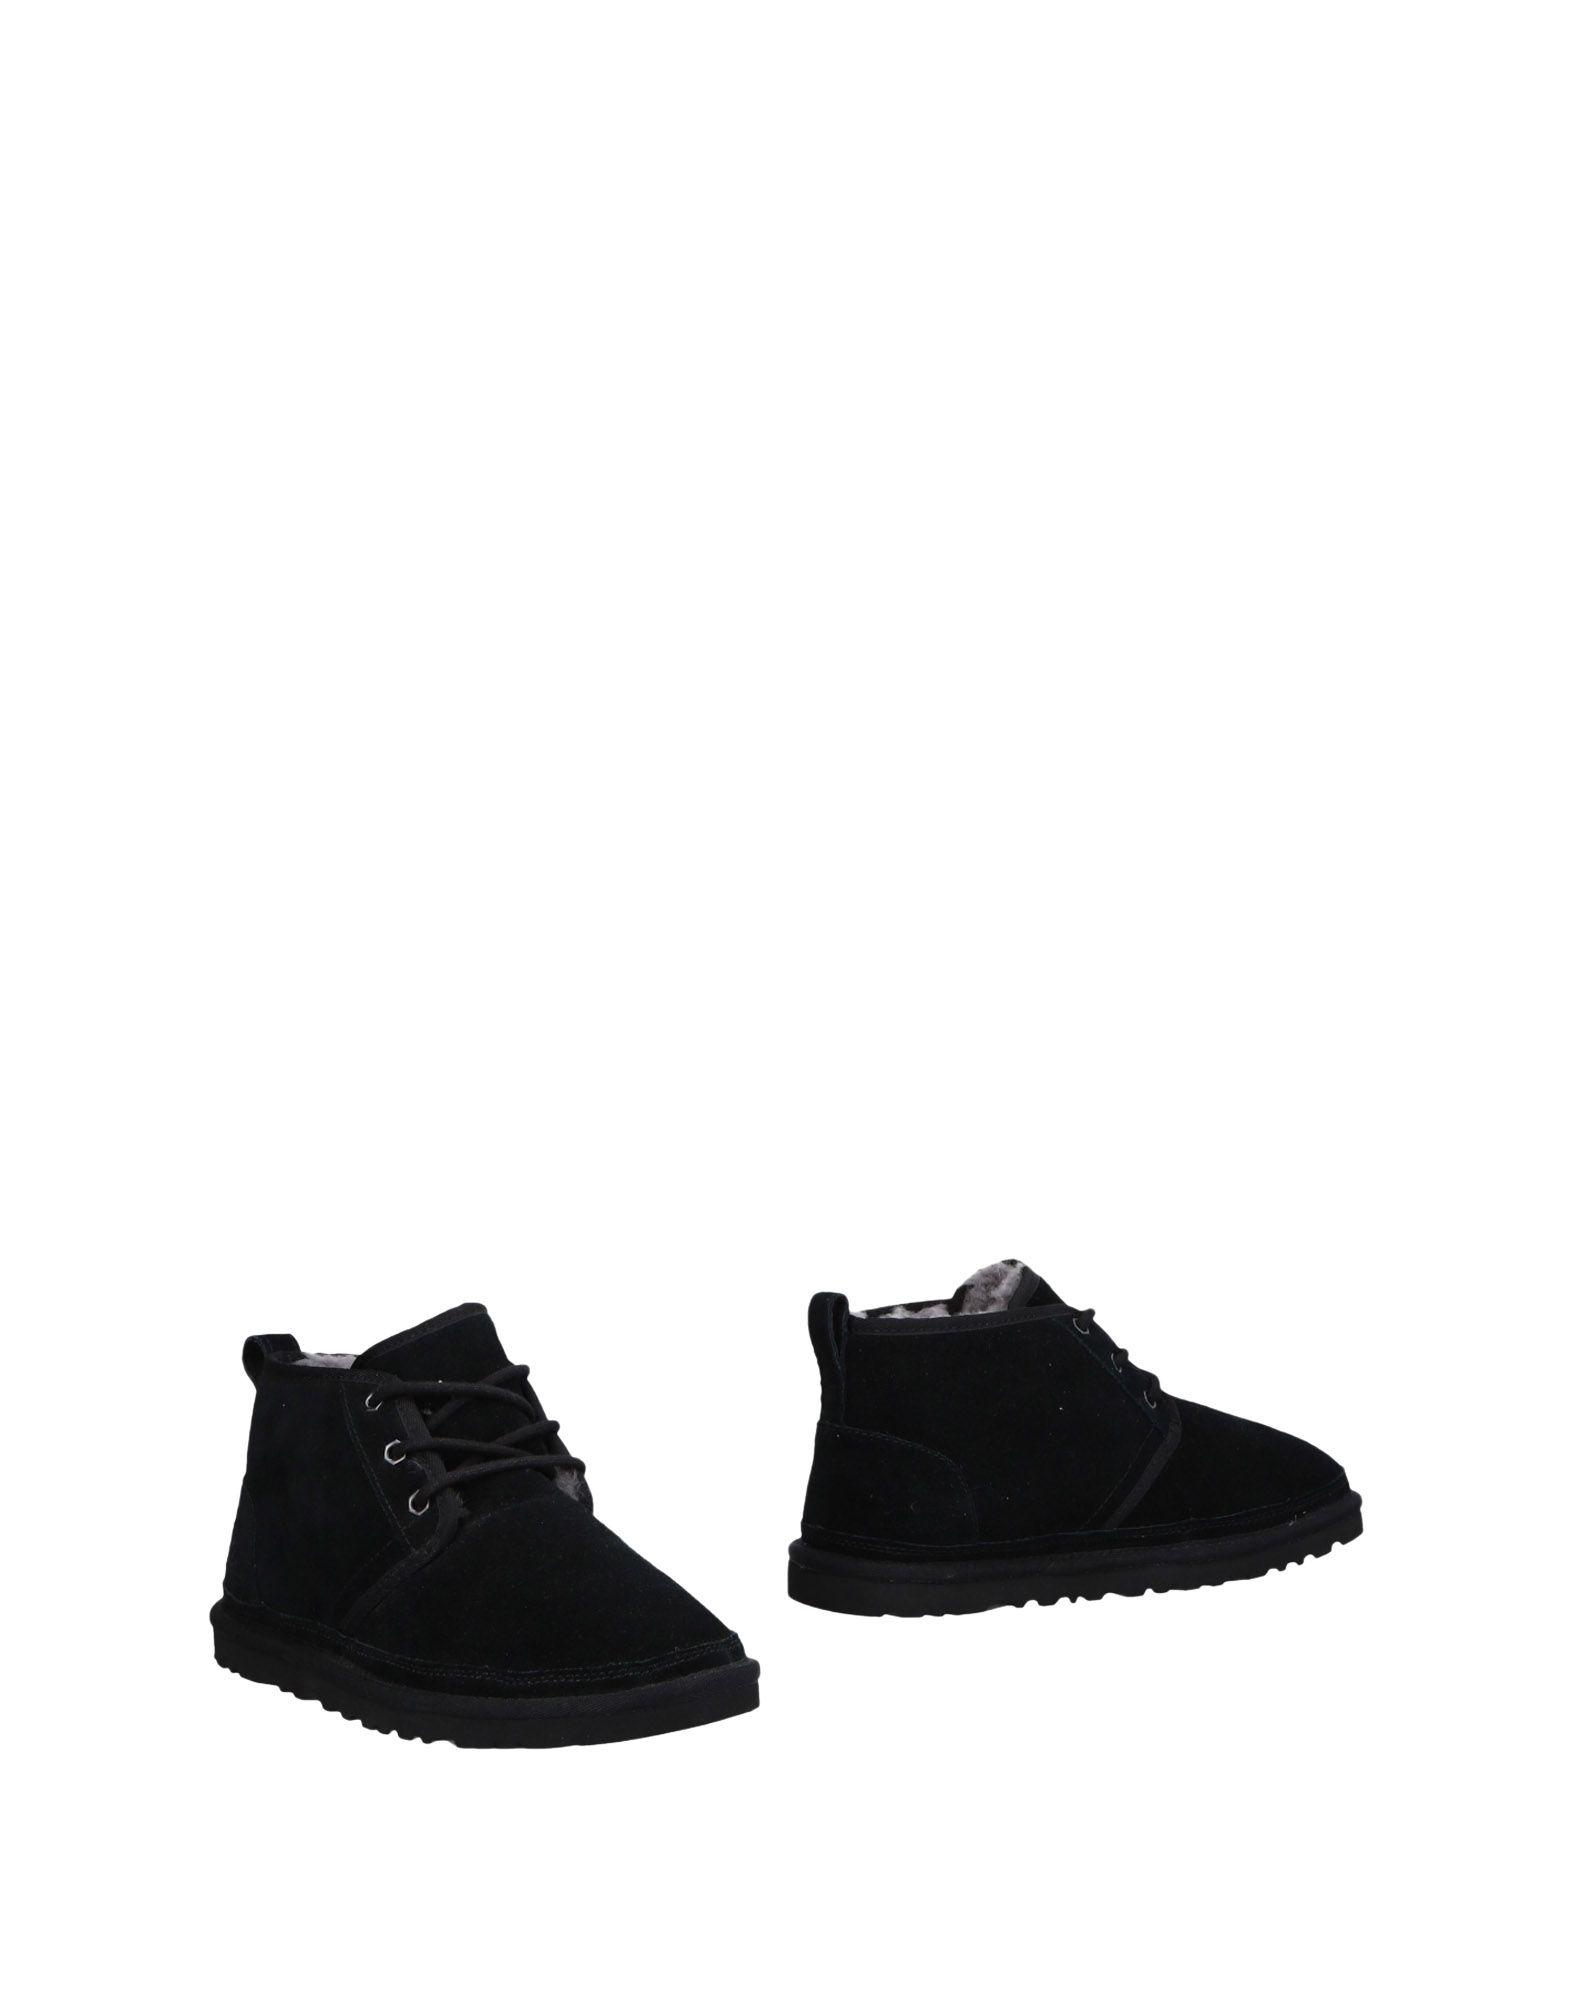 Ugg Australia Stiefelette Herren beliebte  11293334GG Gute Qualität beliebte Herren Schuhe a610e1